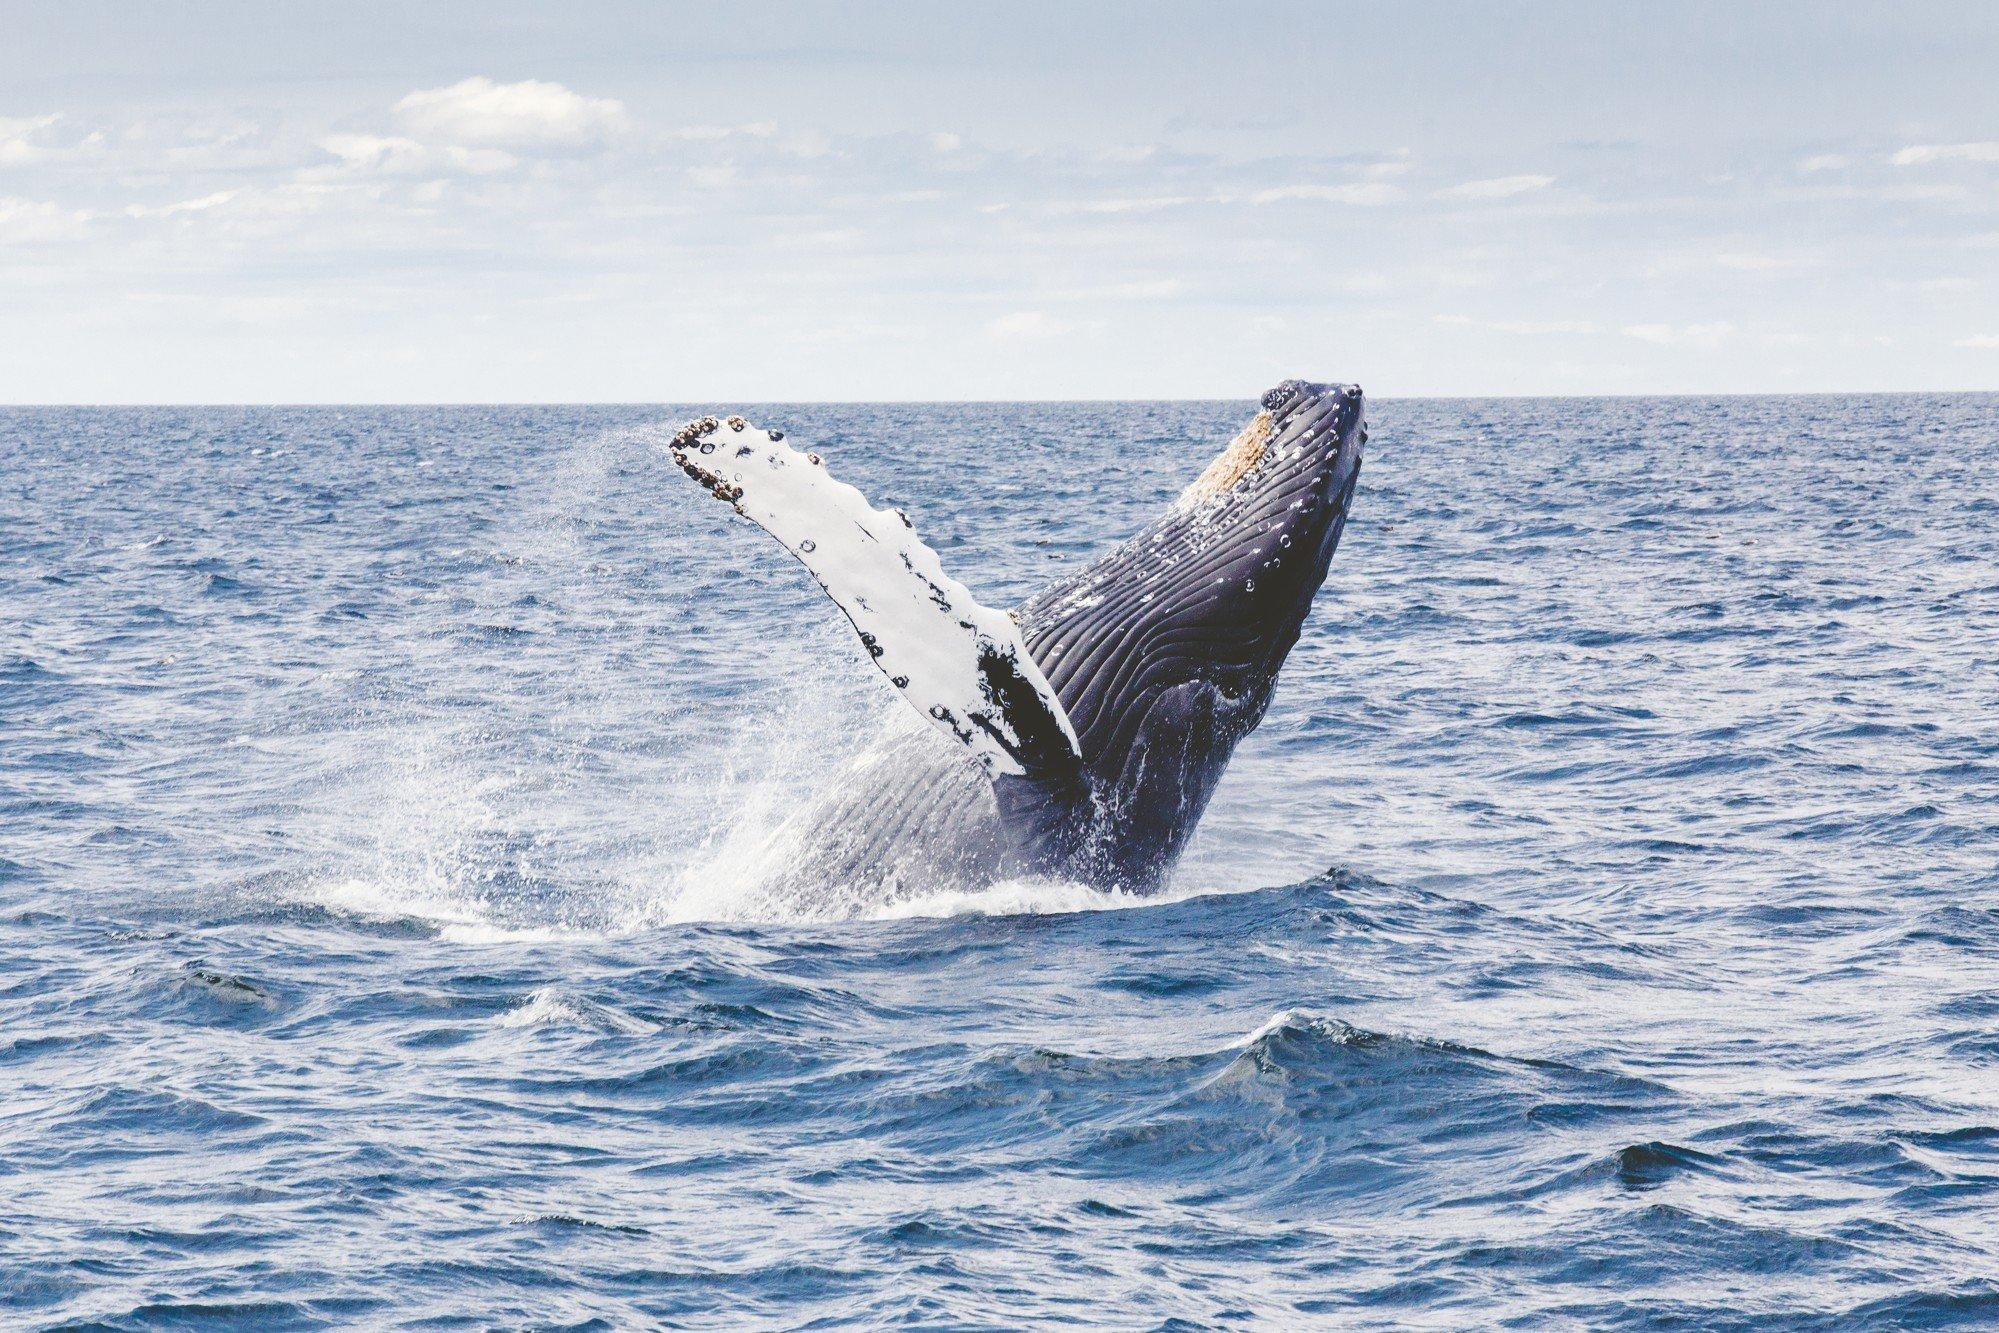 Обнаружен скелет кита возрастом в несколько тыс лет